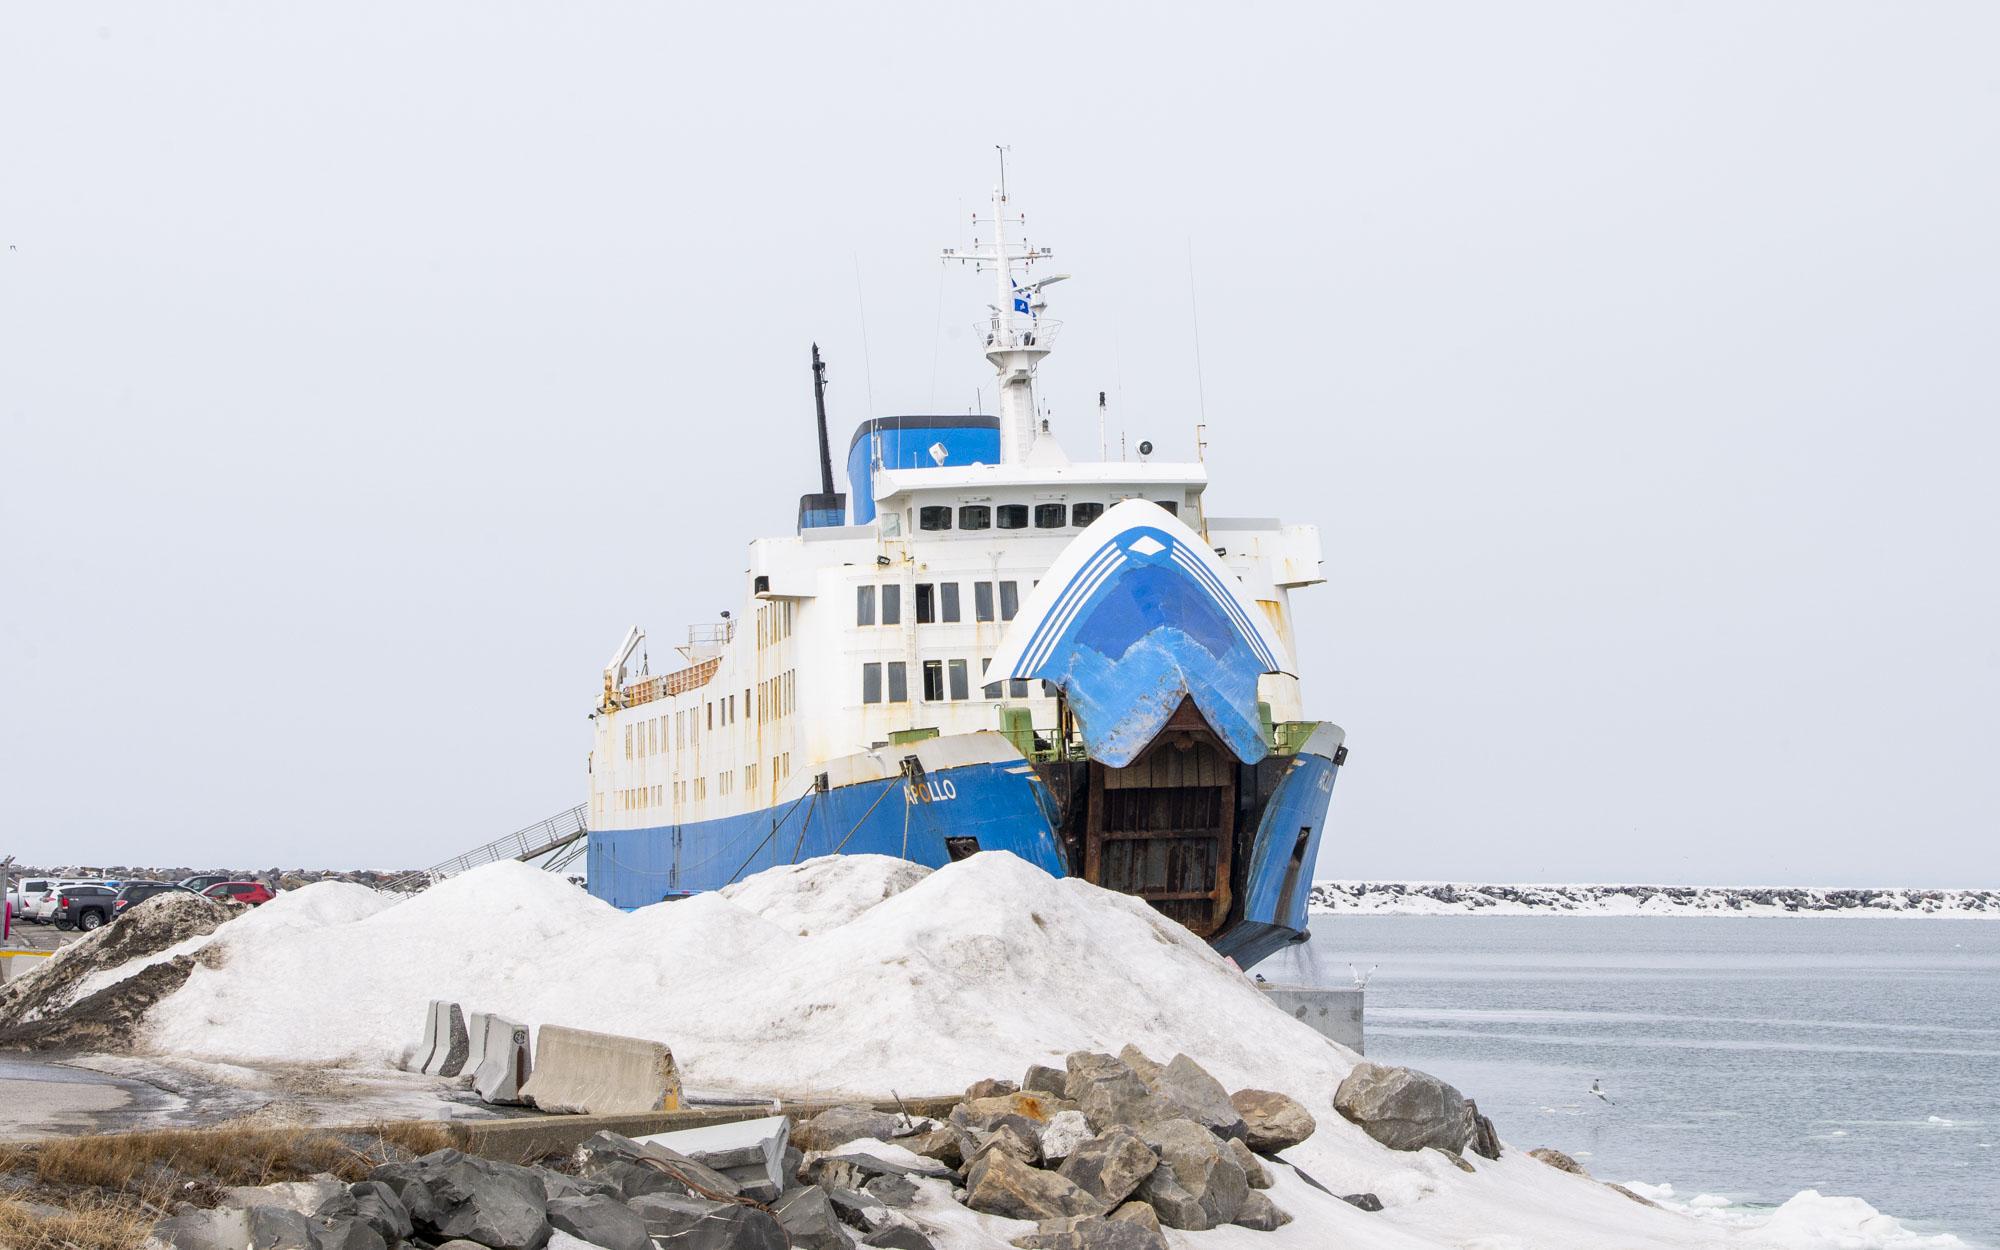 Apollo STQ Société des traversiers du Québec Matane